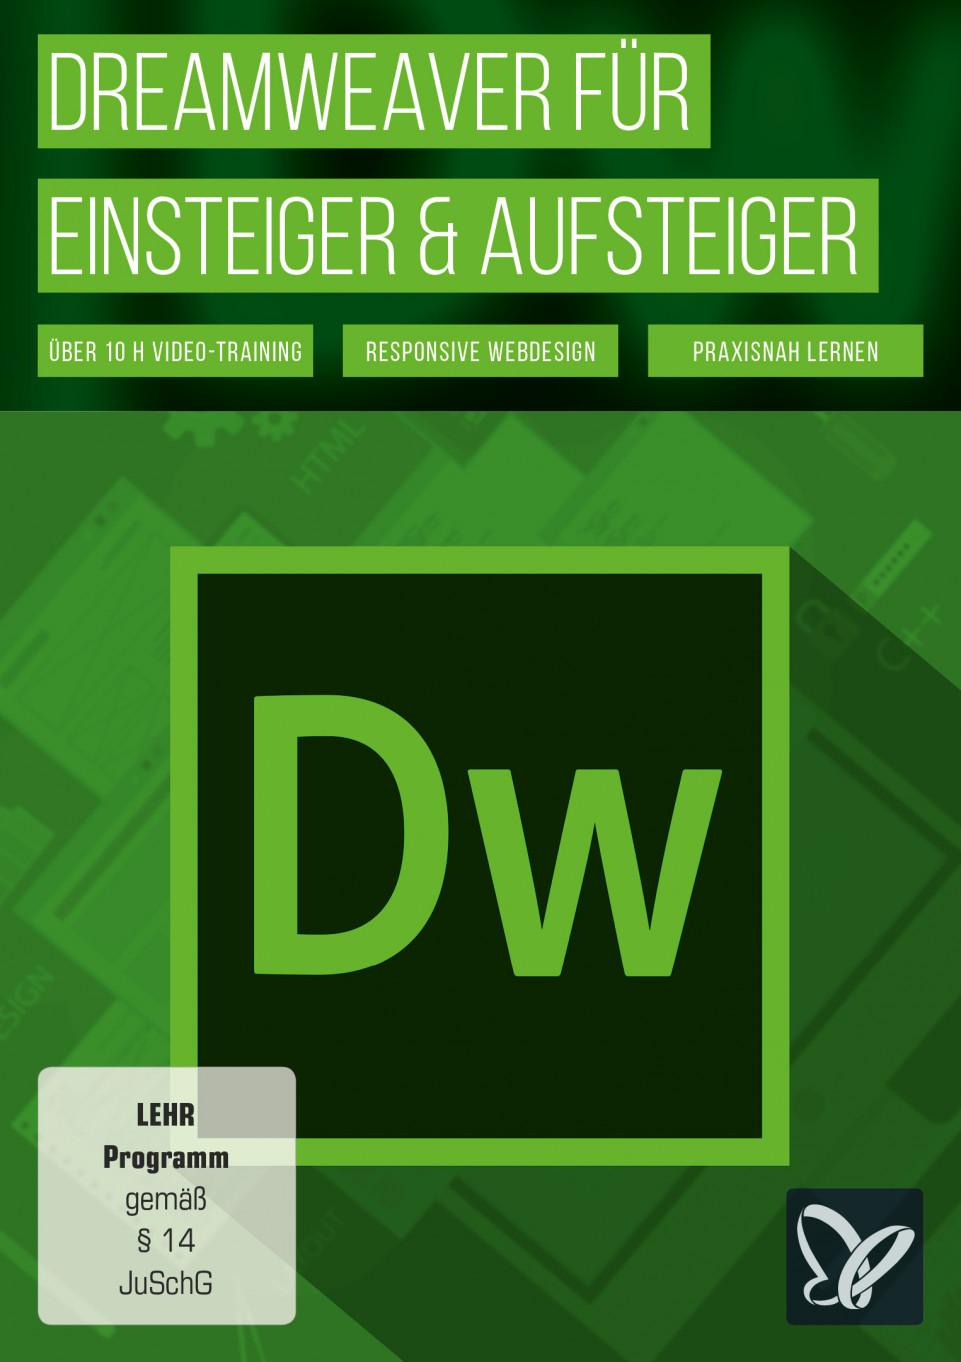 Dreamweaver für Einsteiger & Aufsteiger